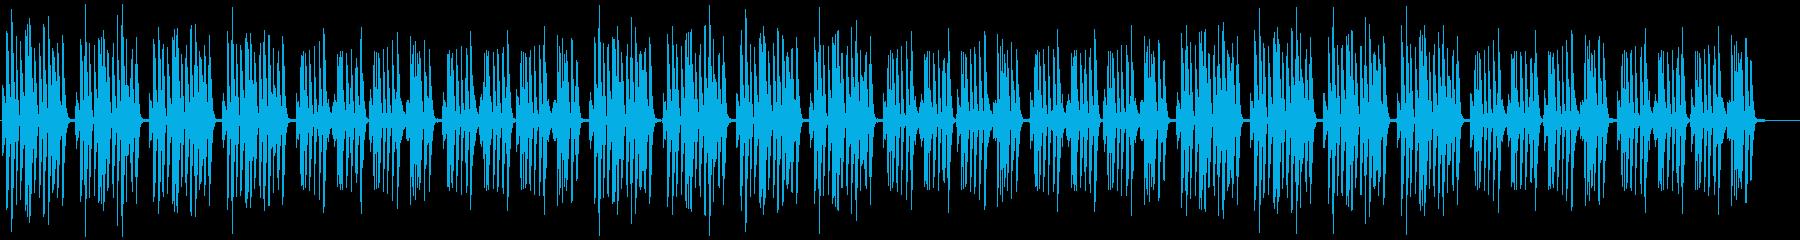 まったり・日常・コミカル・マリンバの再生済みの波形